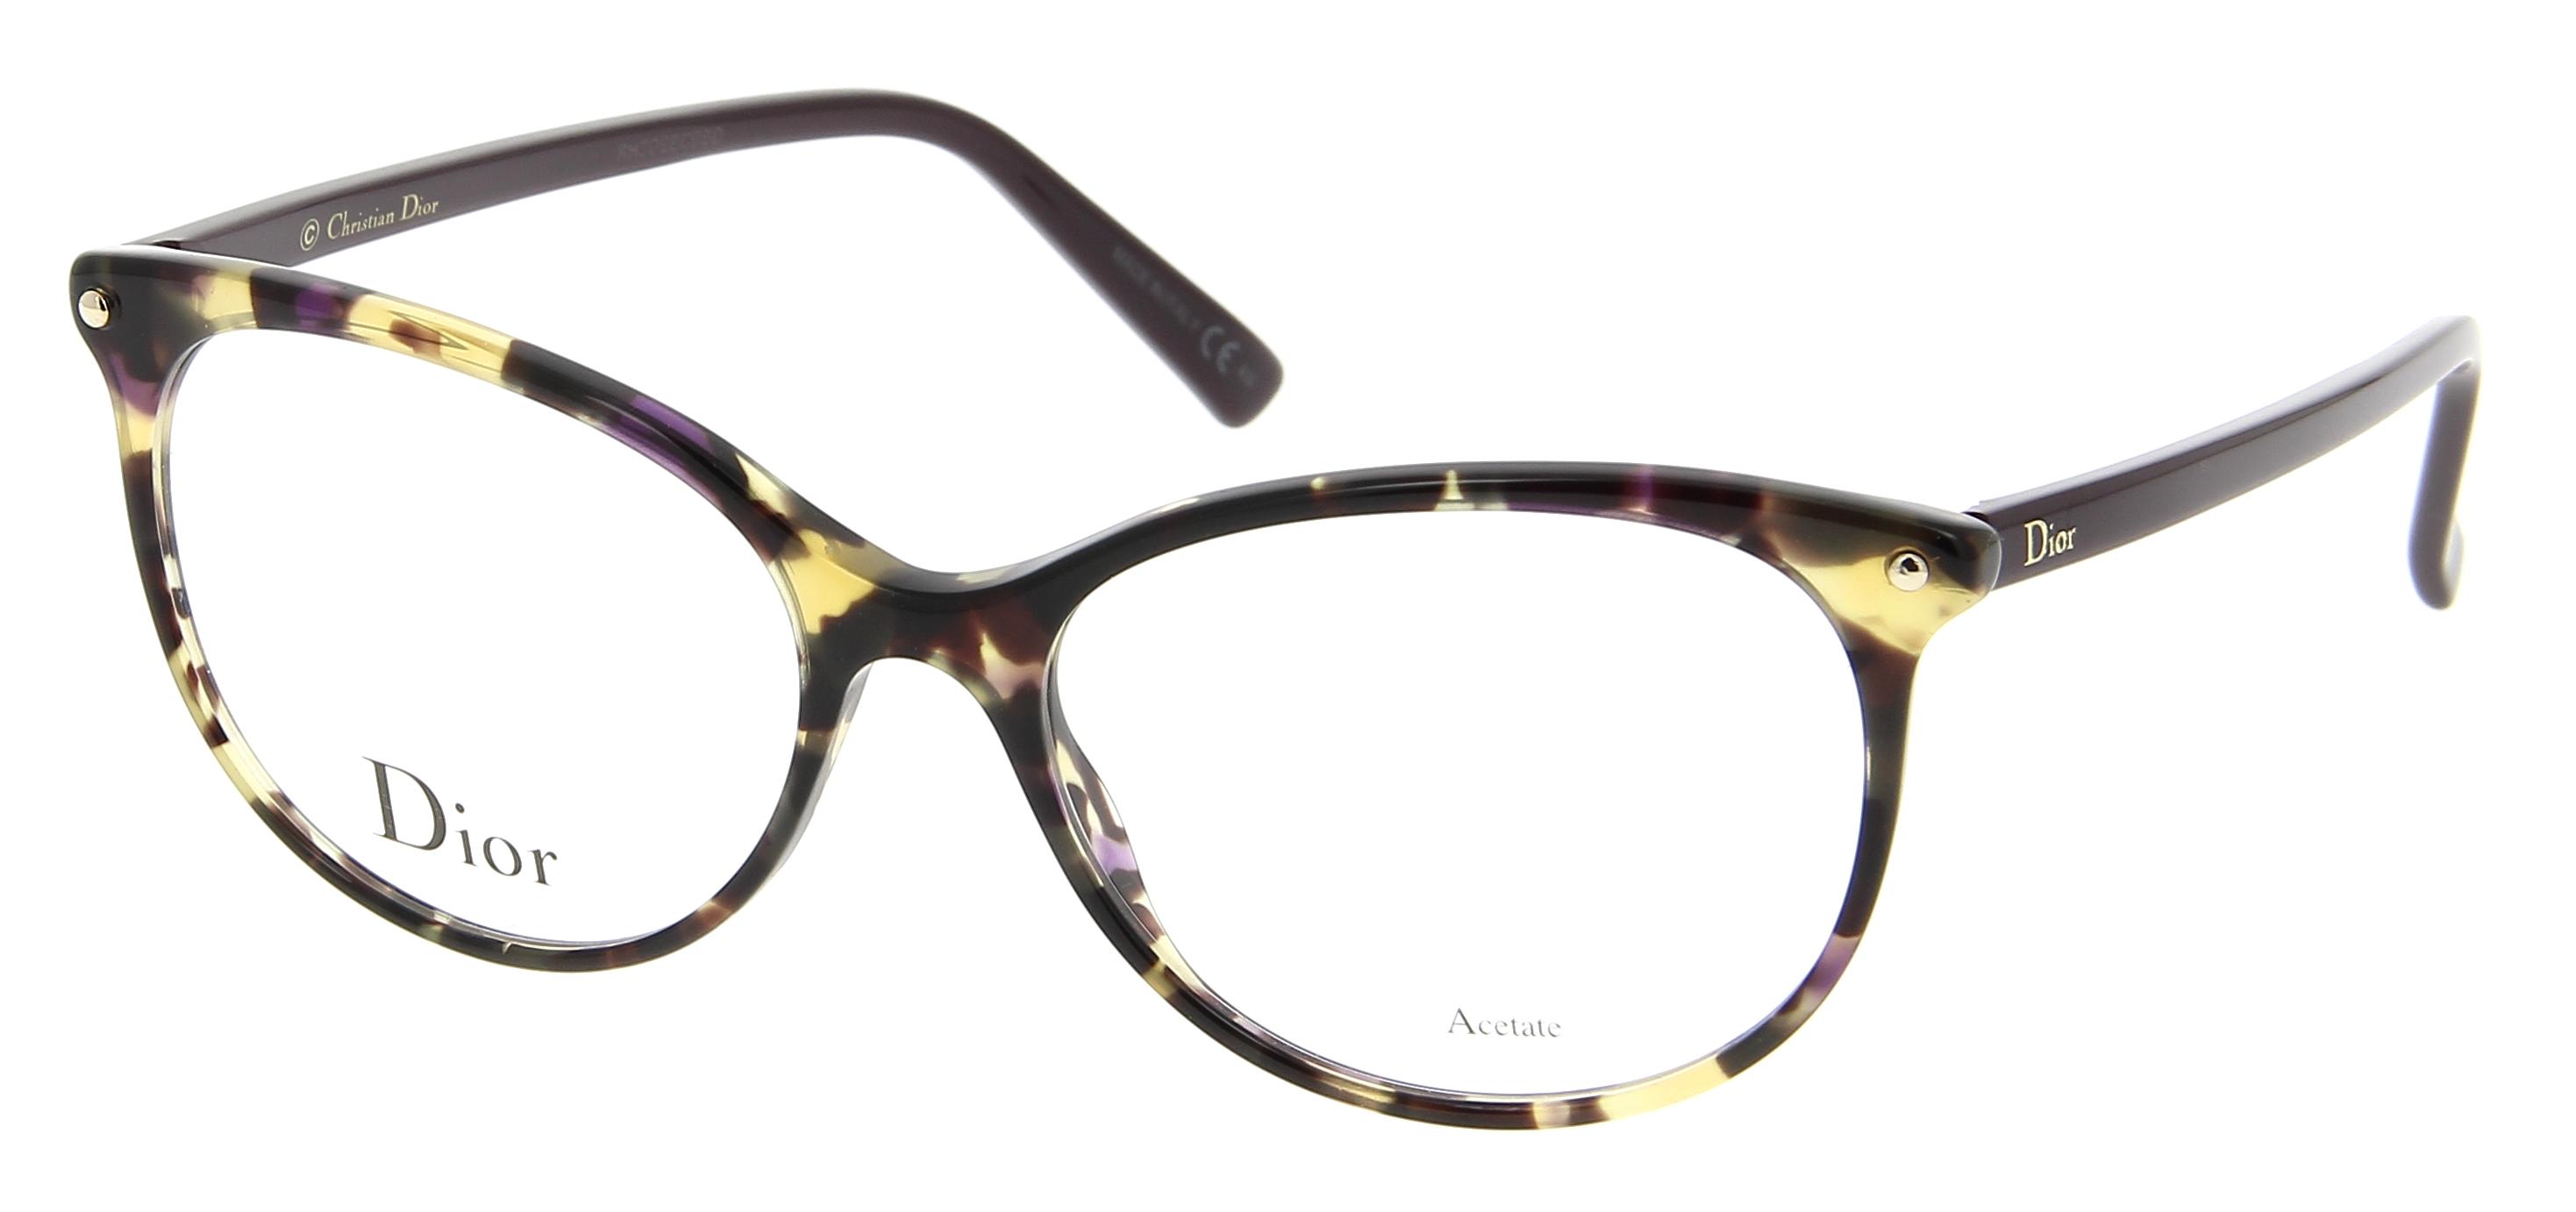 lunettes de vue dior cd 3284 lbv 53 16 femme ecaille violet fonc papillon cercl e tendance. Black Bedroom Furniture Sets. Home Design Ideas